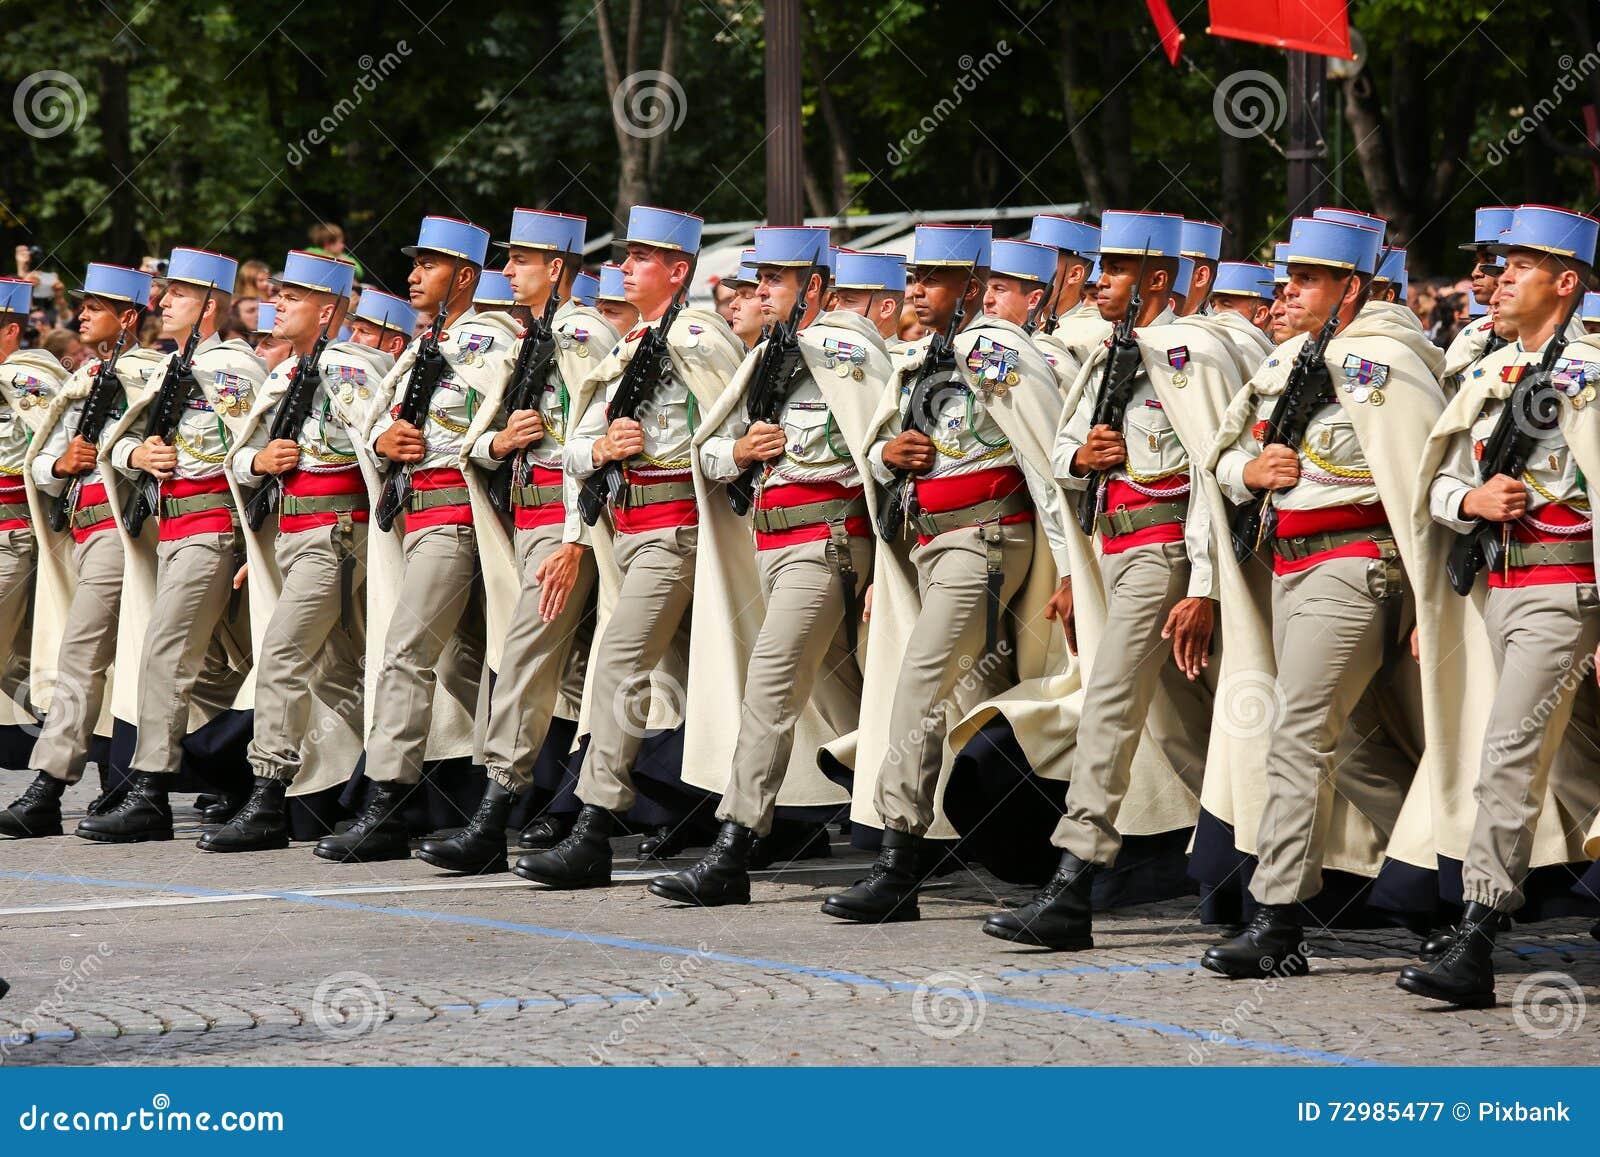 Parata militare (sfilata) durante il ceremonial della festa nazionale francese, viale di Elysee dei campioni